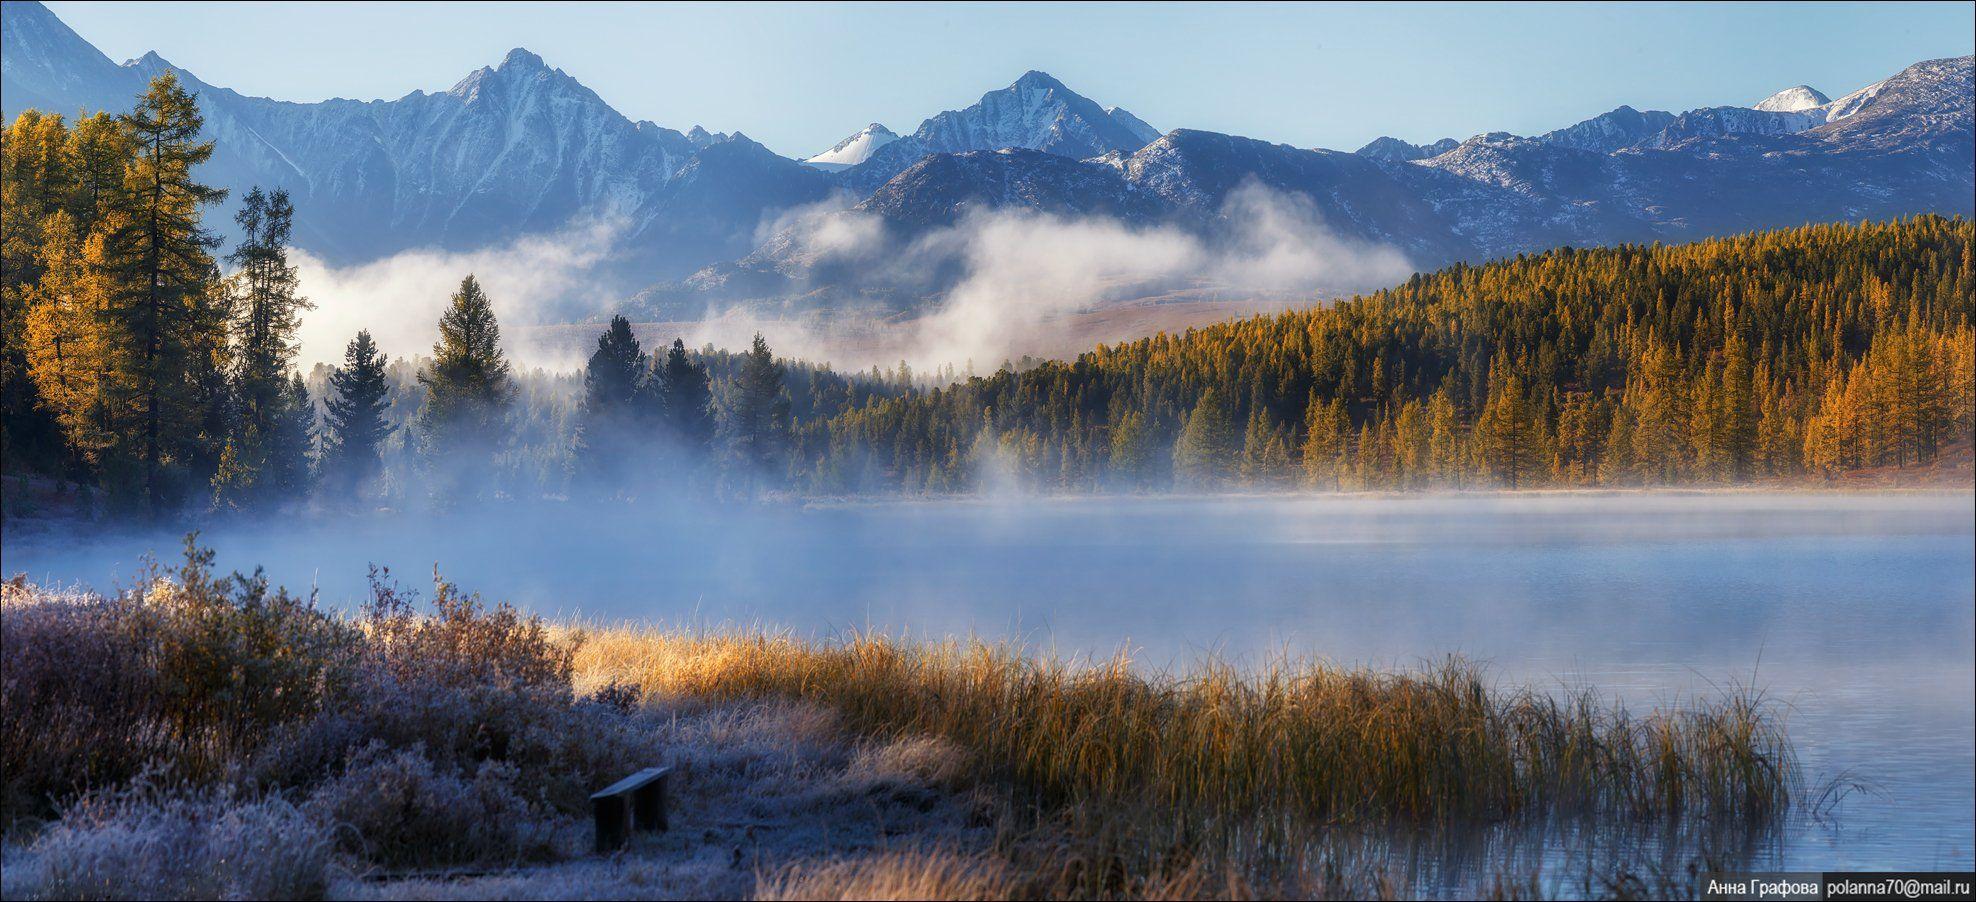 алтай, горы, горный алтай, улаган, киделю, осень, утро, аня графова, Аня Графова